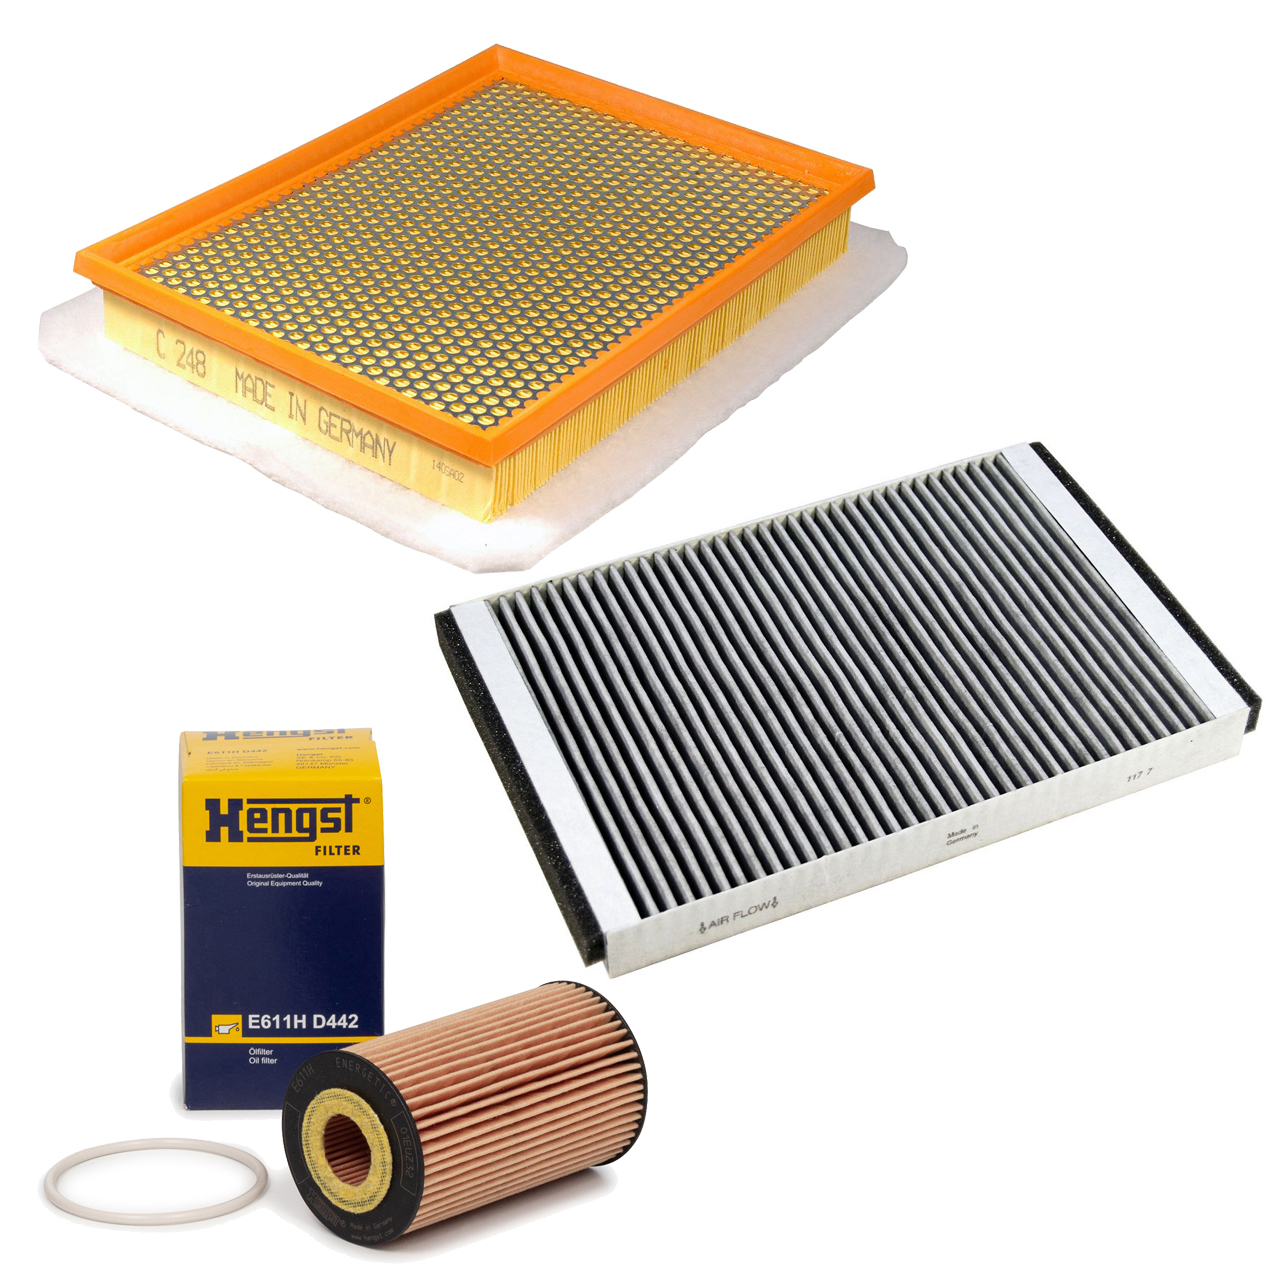 Inspektionskit Filterpaket Filterset DELPHI für OPEL Astra H 1.6 Turbo 180 PS